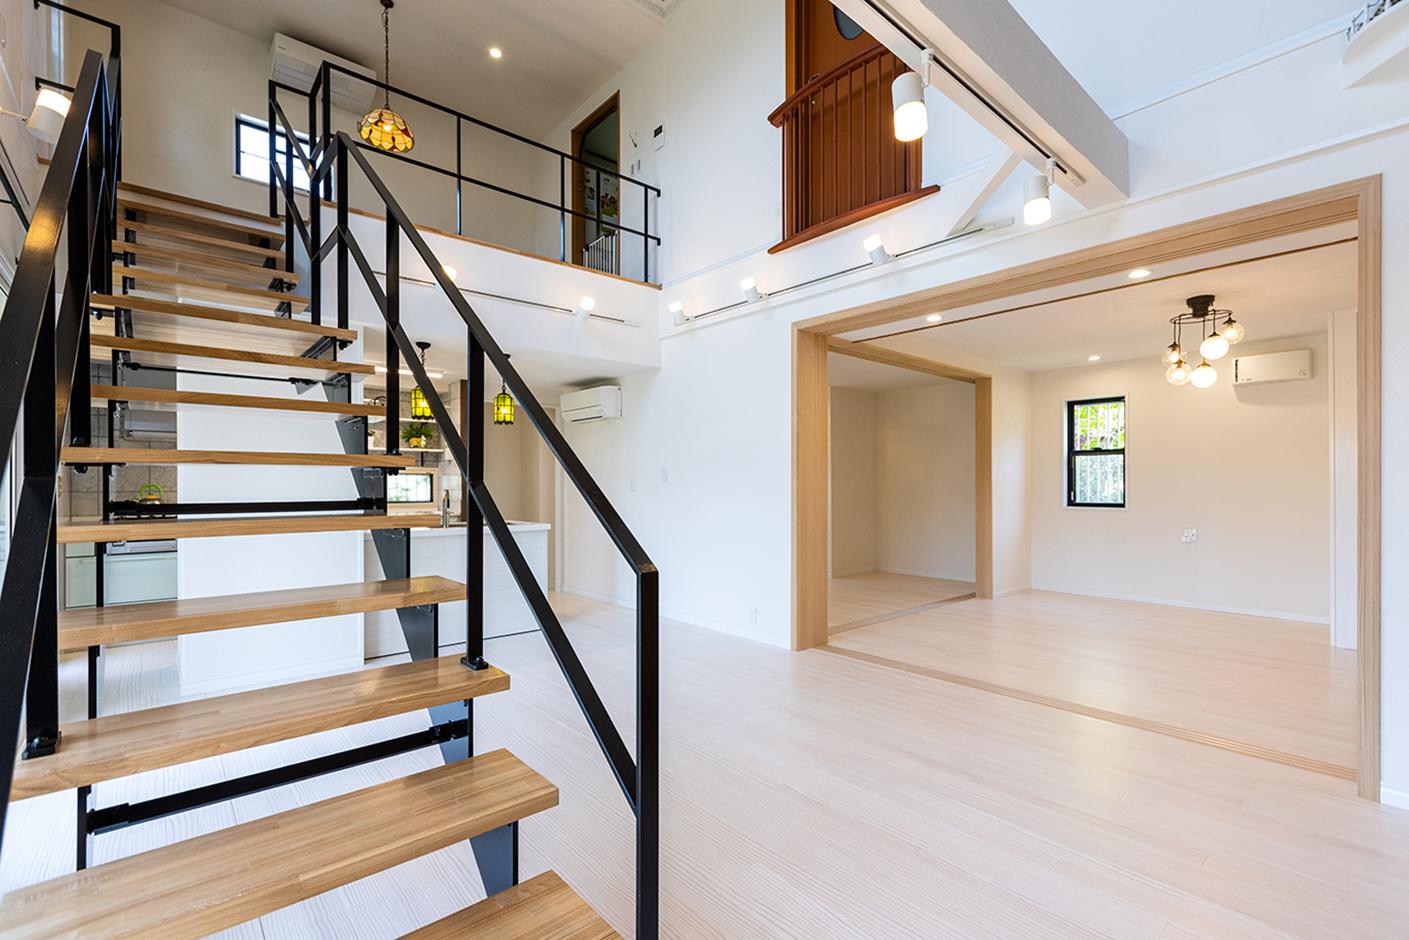 山春建設 年齢を重ねても足腰に負担がかかりにくい、一段の高さが18センチの安心安全な階段。『山春建設』では標準仕様